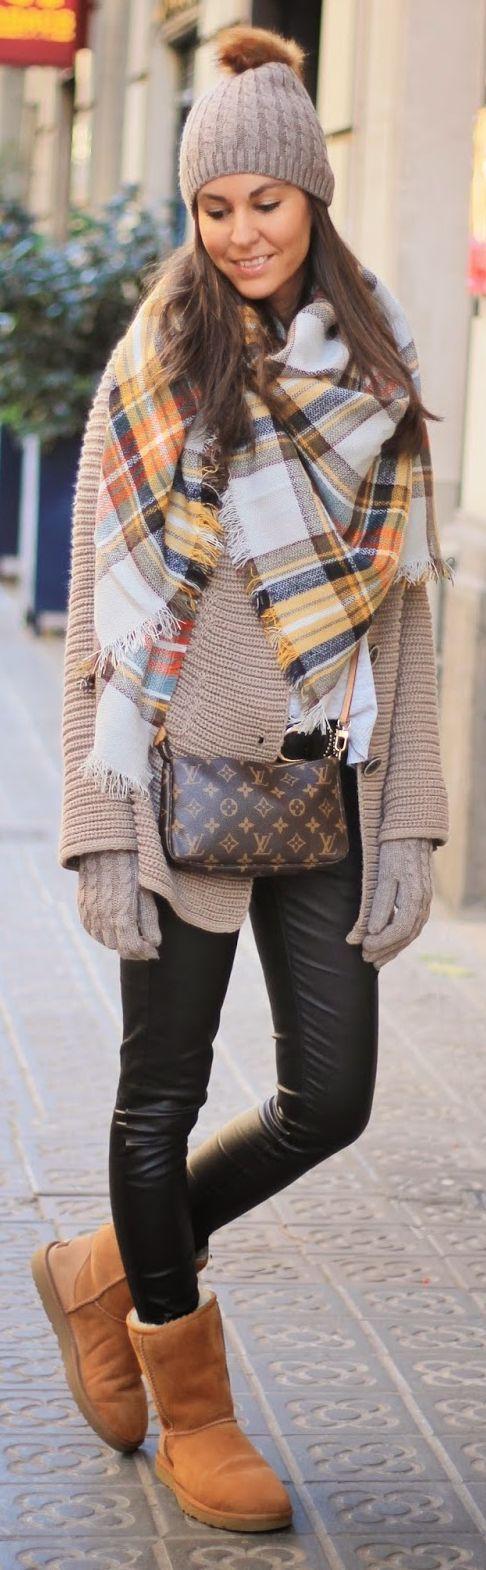 Orange Multi Plaid Scarf by BCN Fashionista